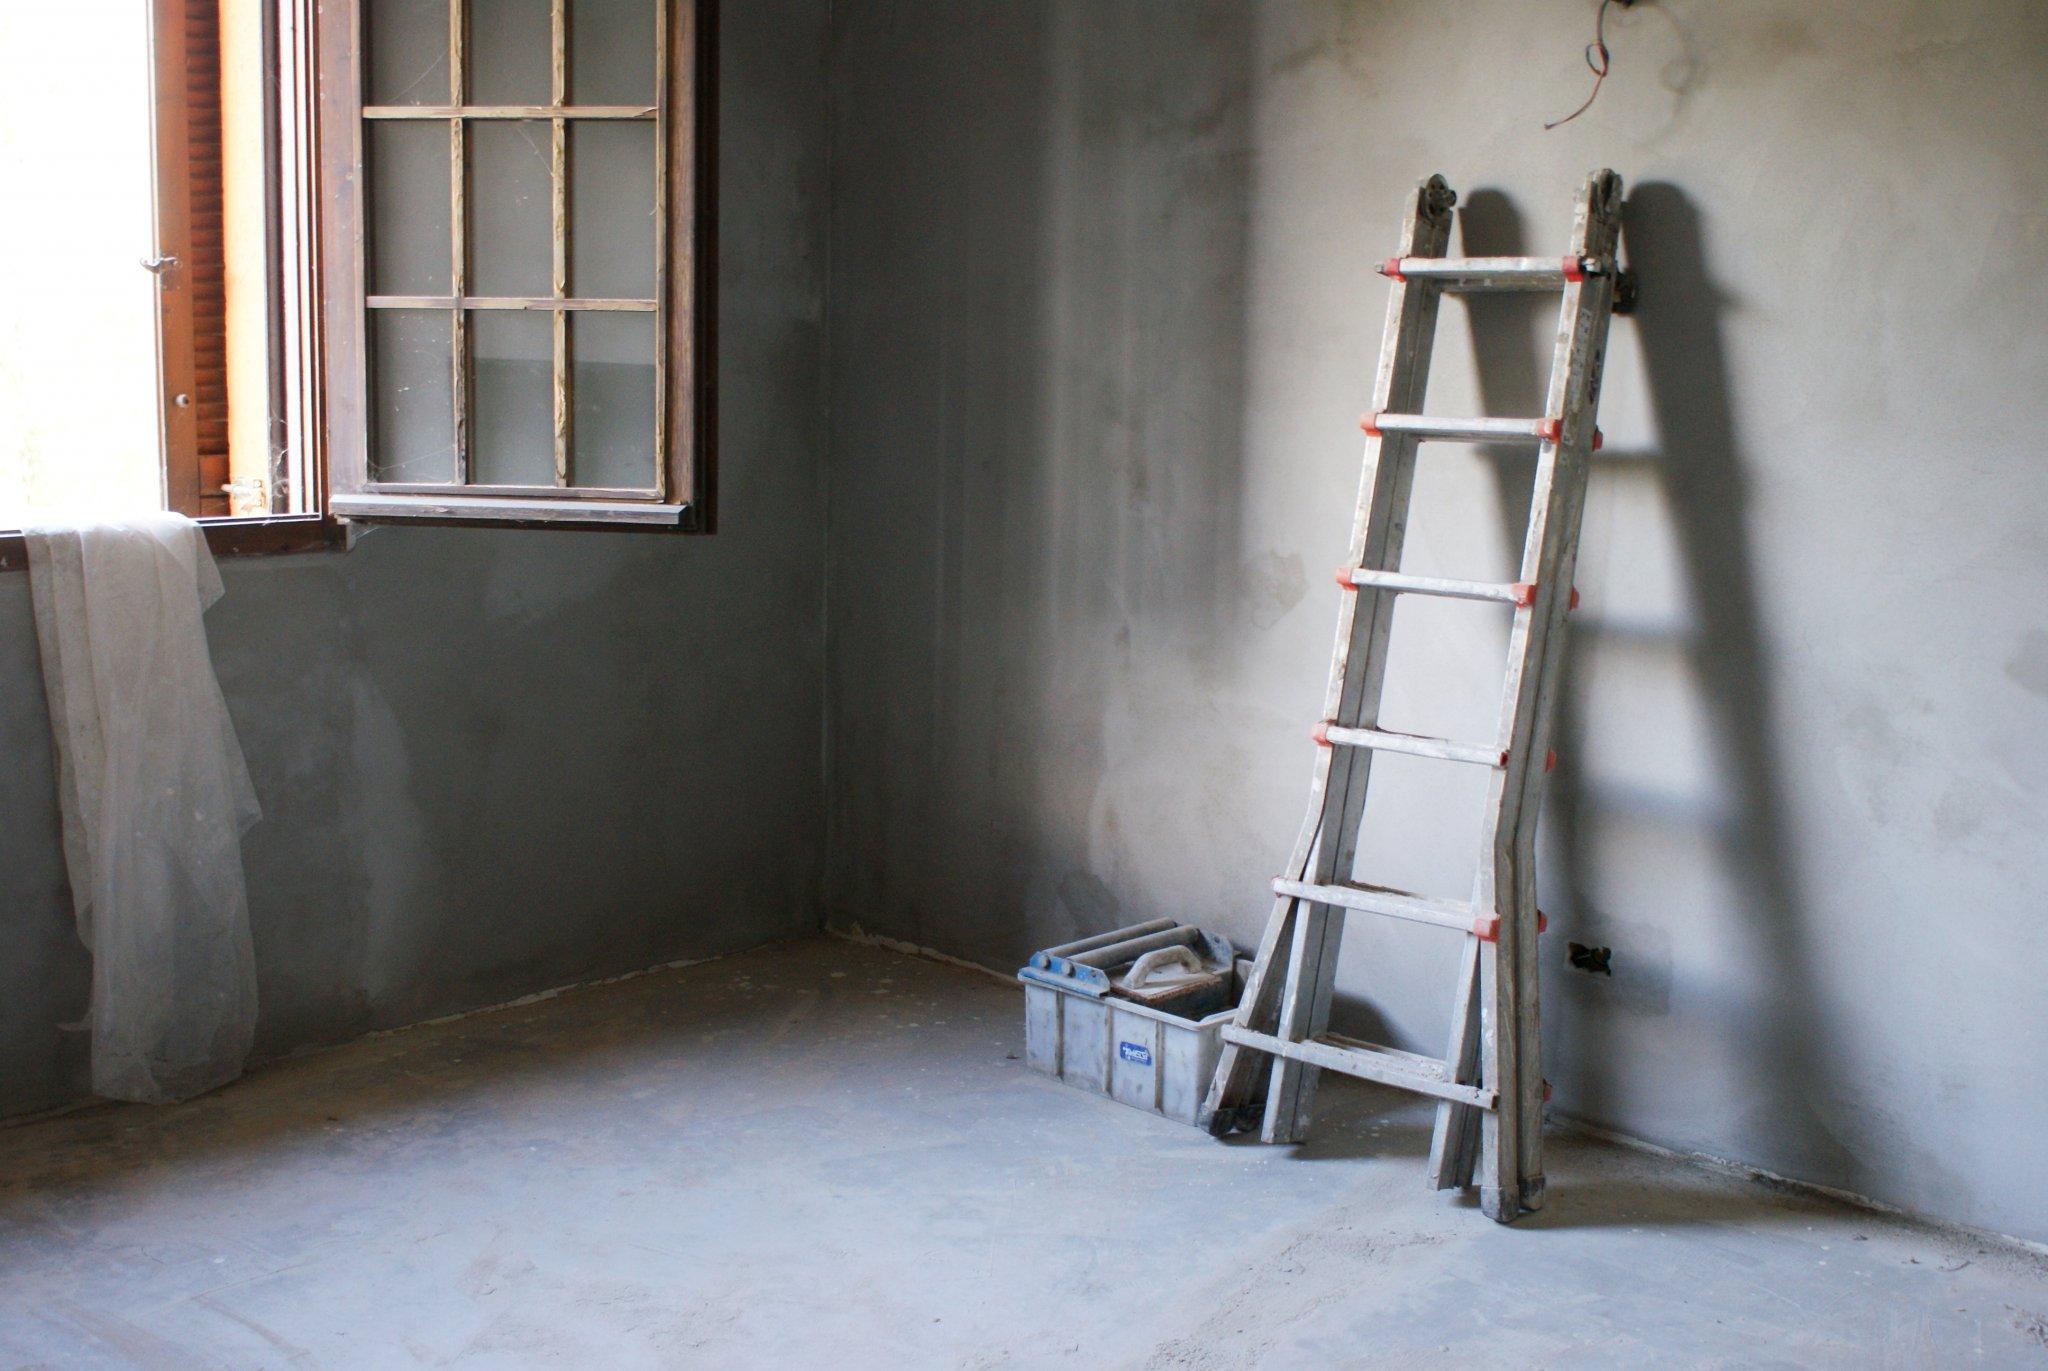 guida problemi ristrutturazione consigli casa